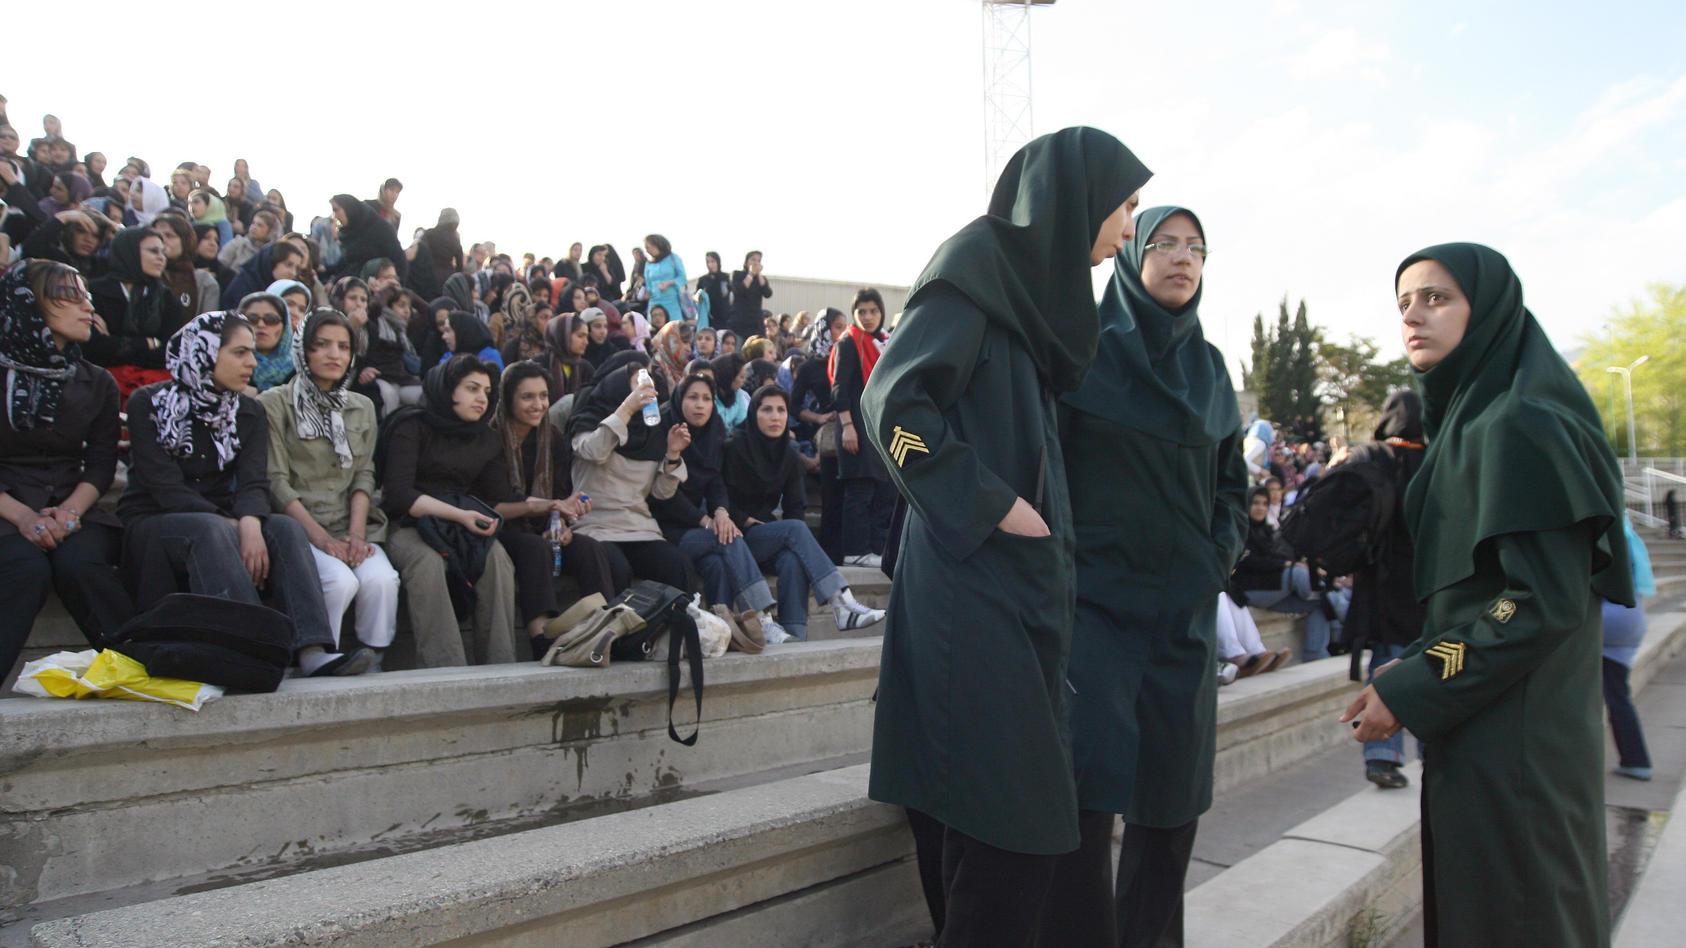 Verschleierte Frauen besuchen ein Fußballspiel (Symbolfoto).